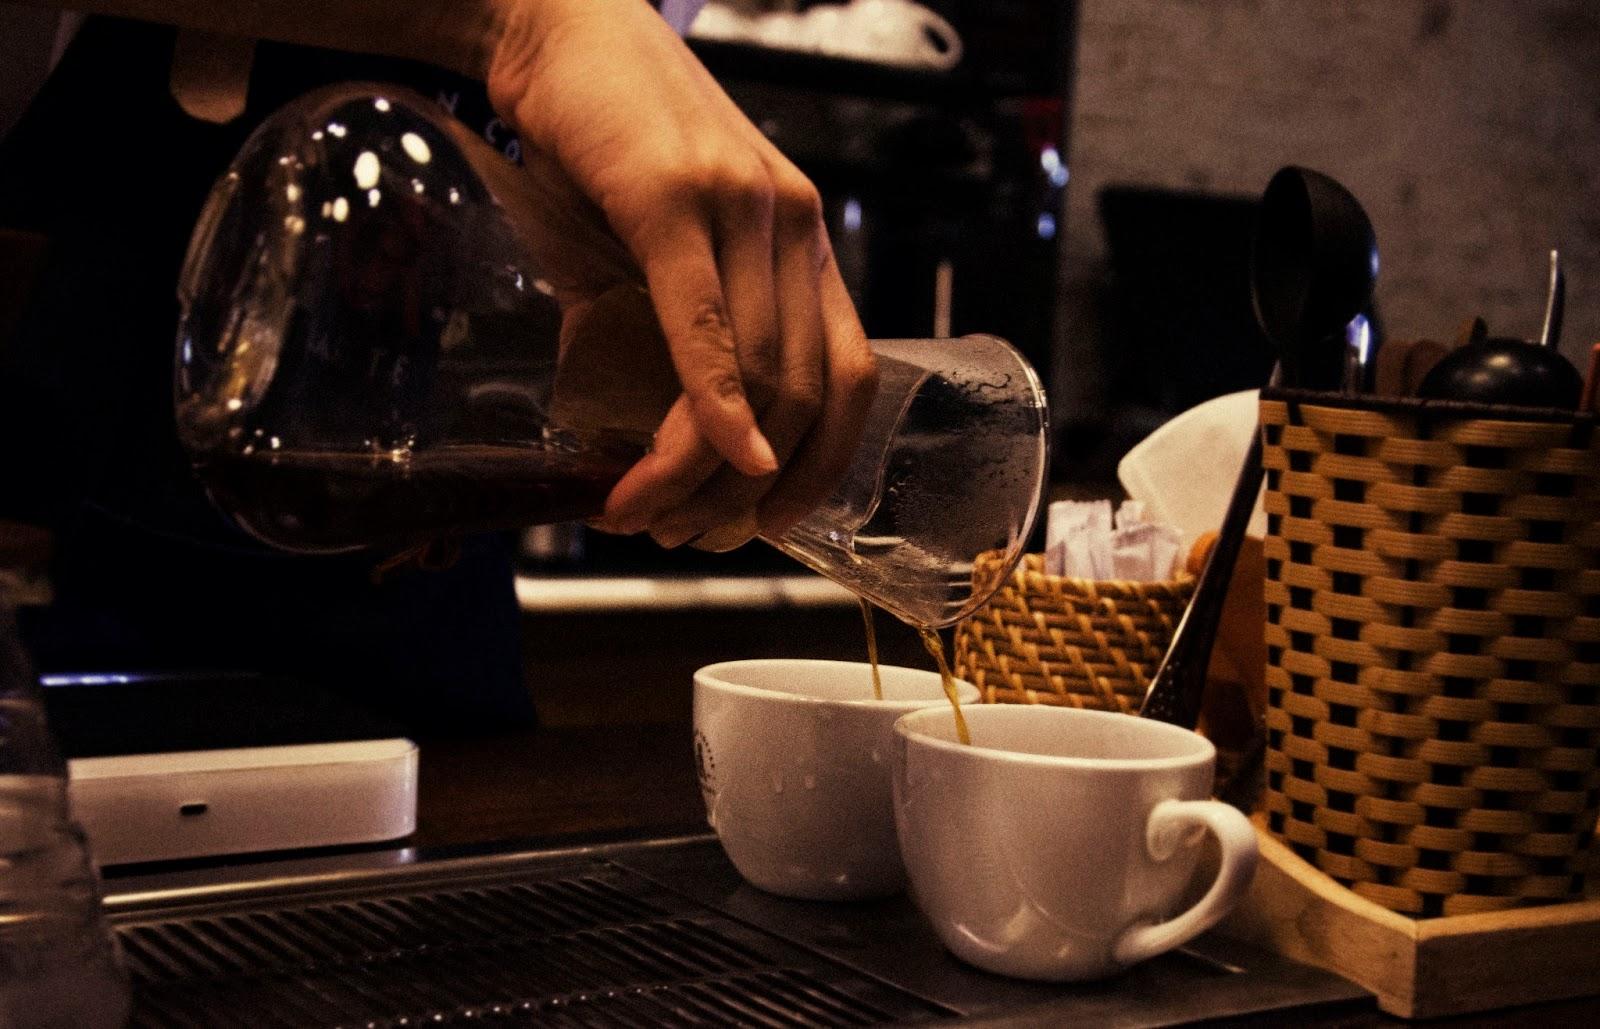 Cà phê luôn có vị chua nhẹ thanh cố hữu.